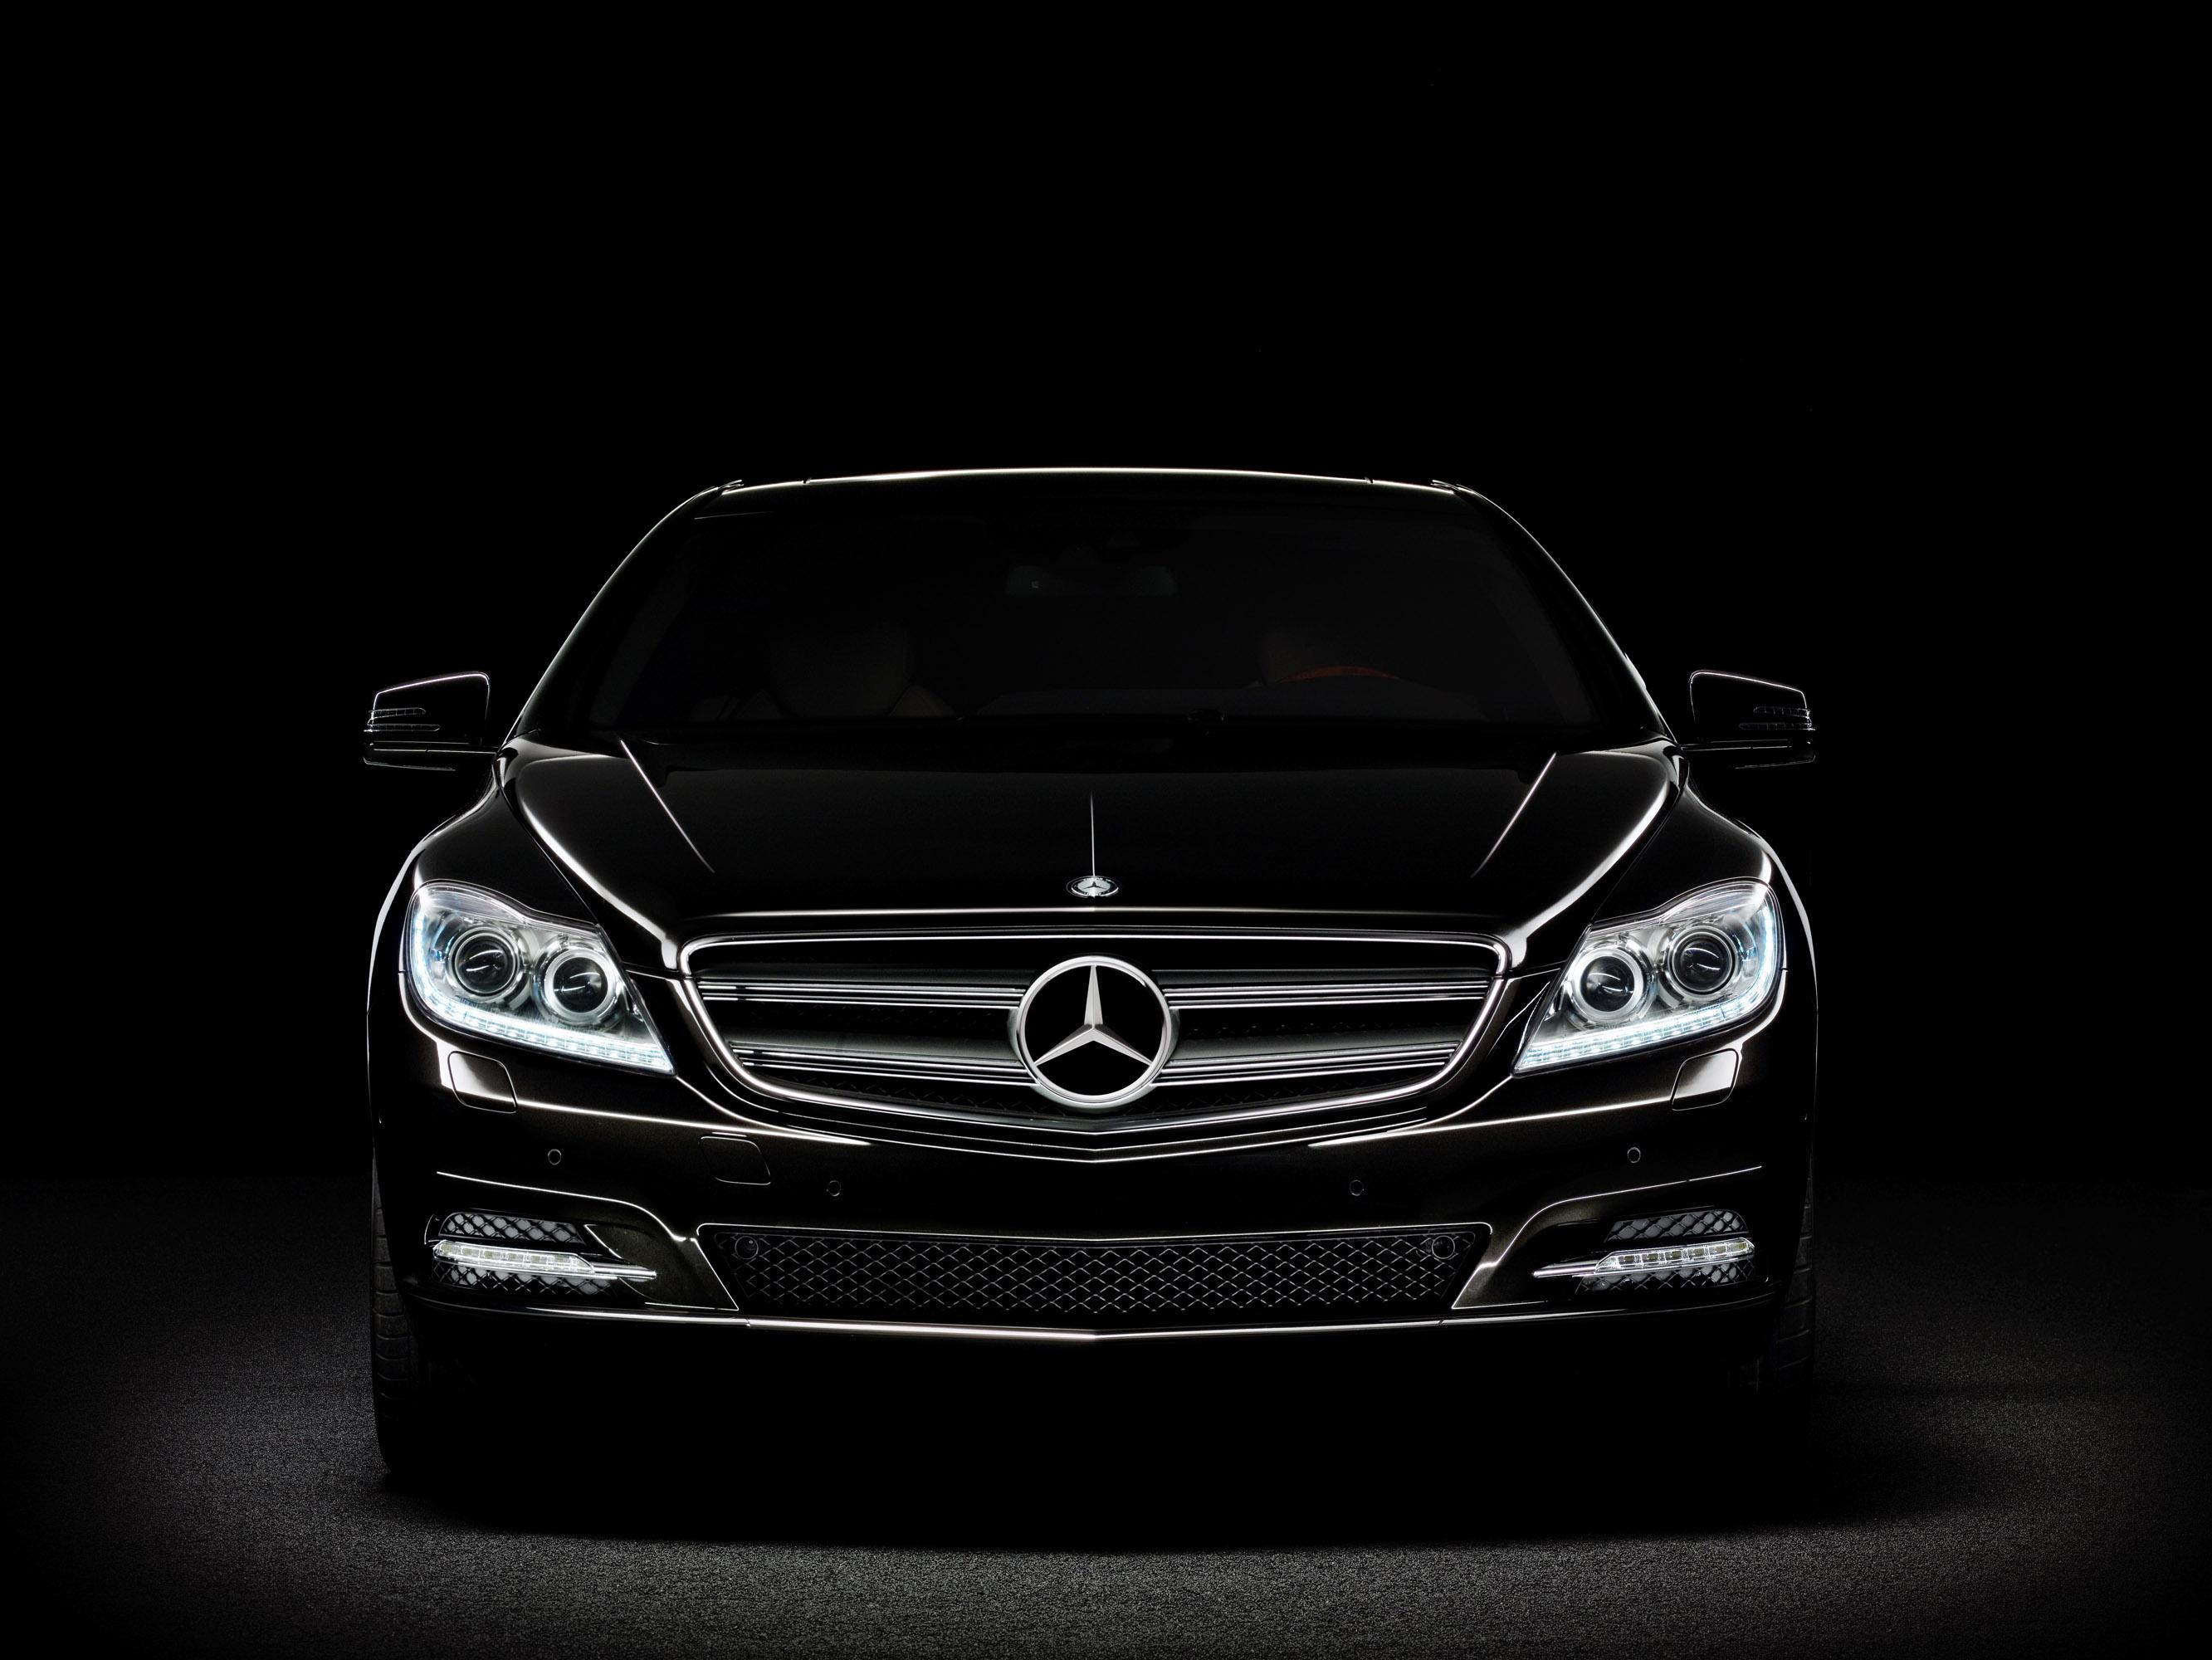 2011 Mercedes-Benz CL-Class сочетает в себе новейшие технологии с повышенной комфортности - фотография №1